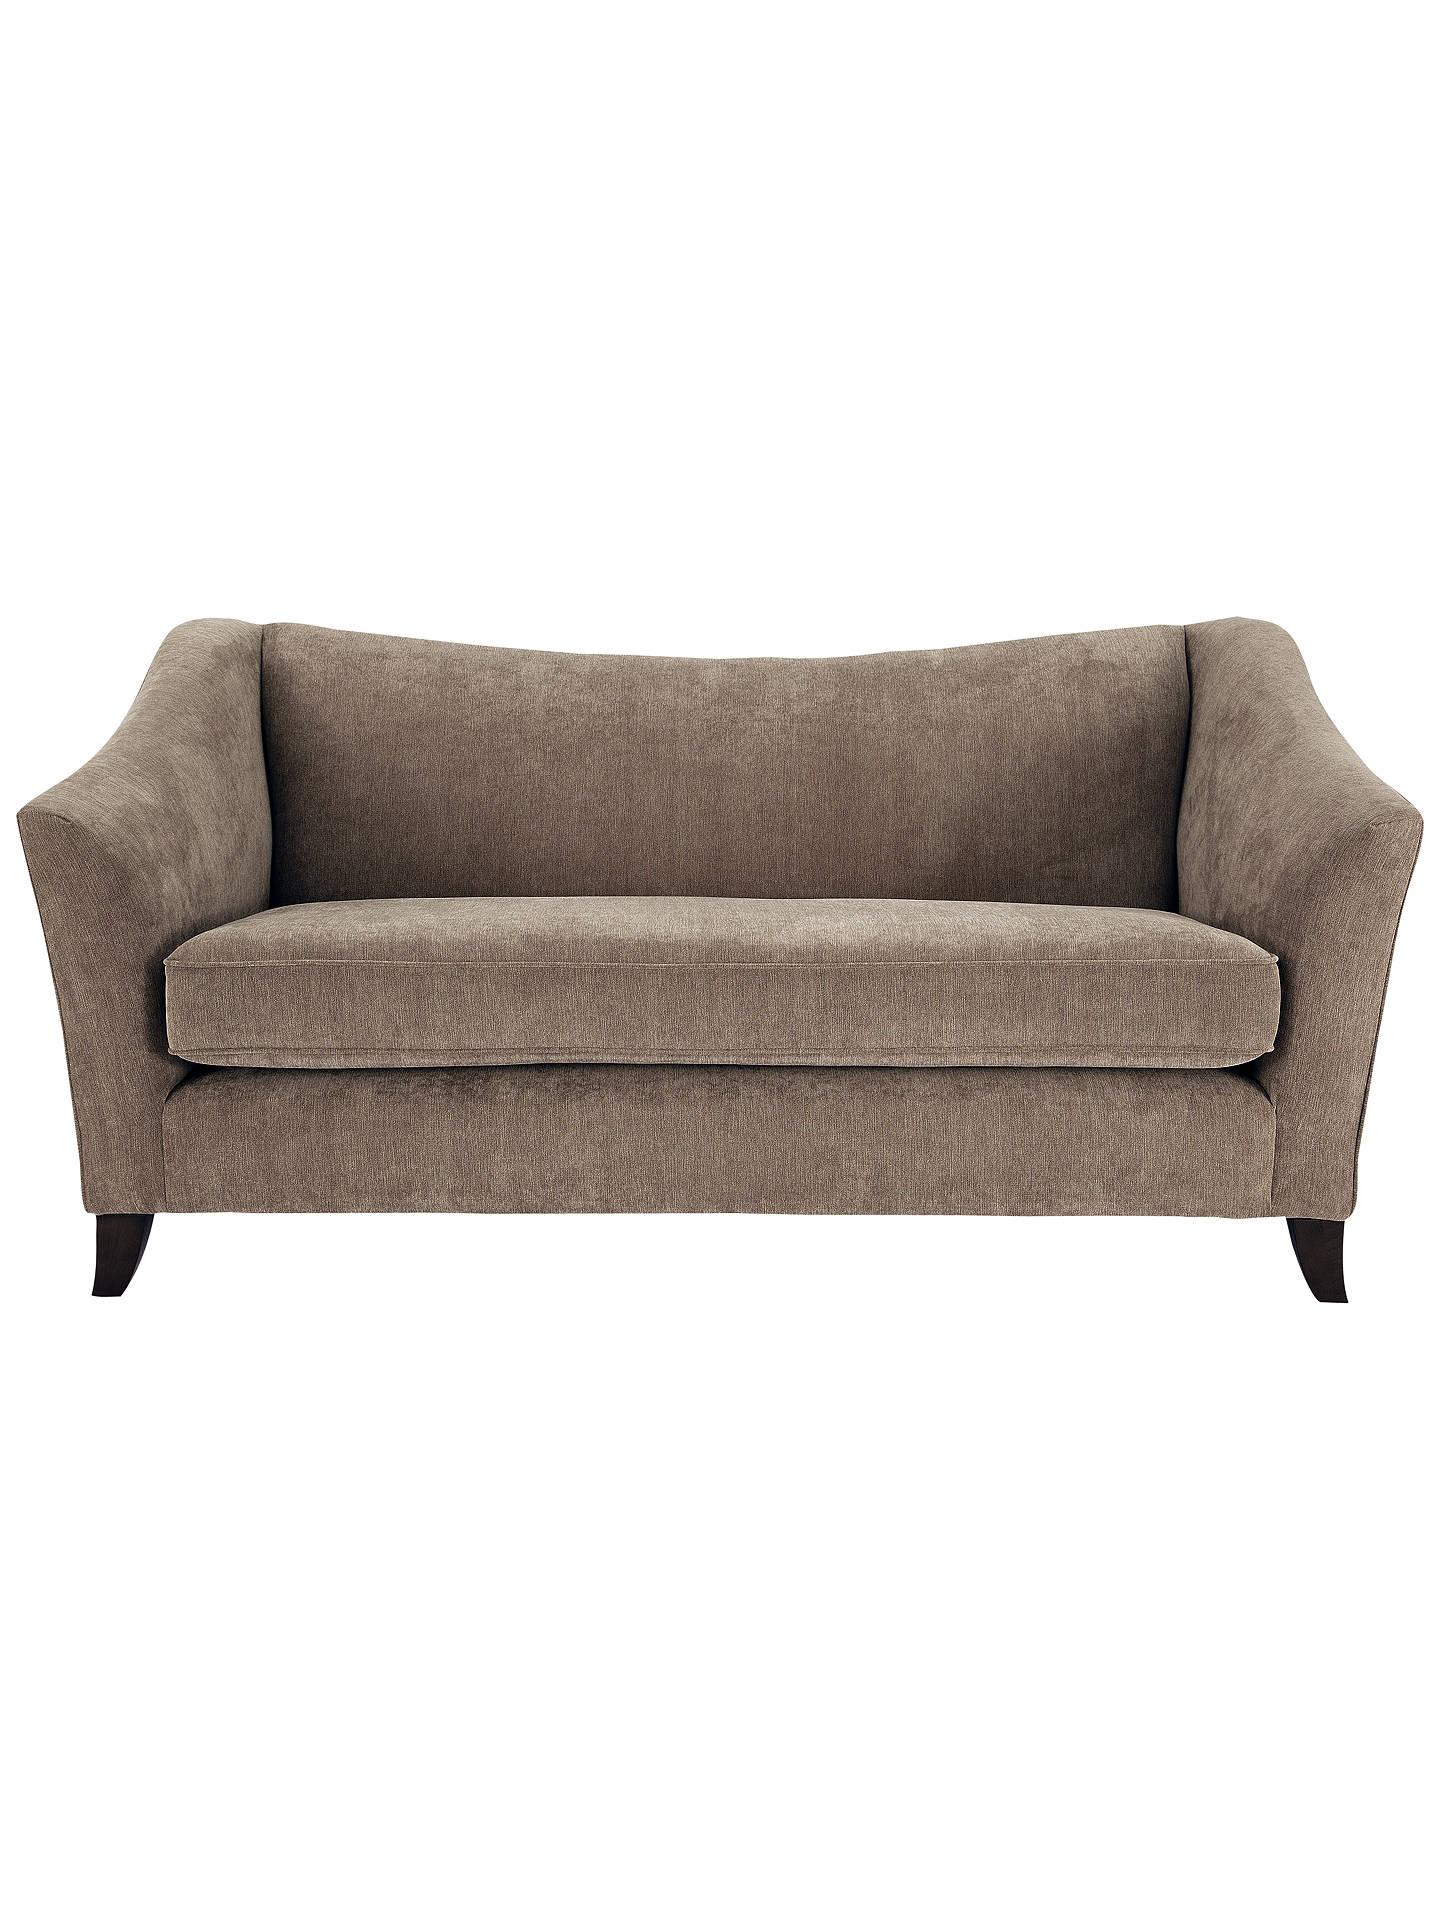 John Lewis Lucca Grand Sofa Grace